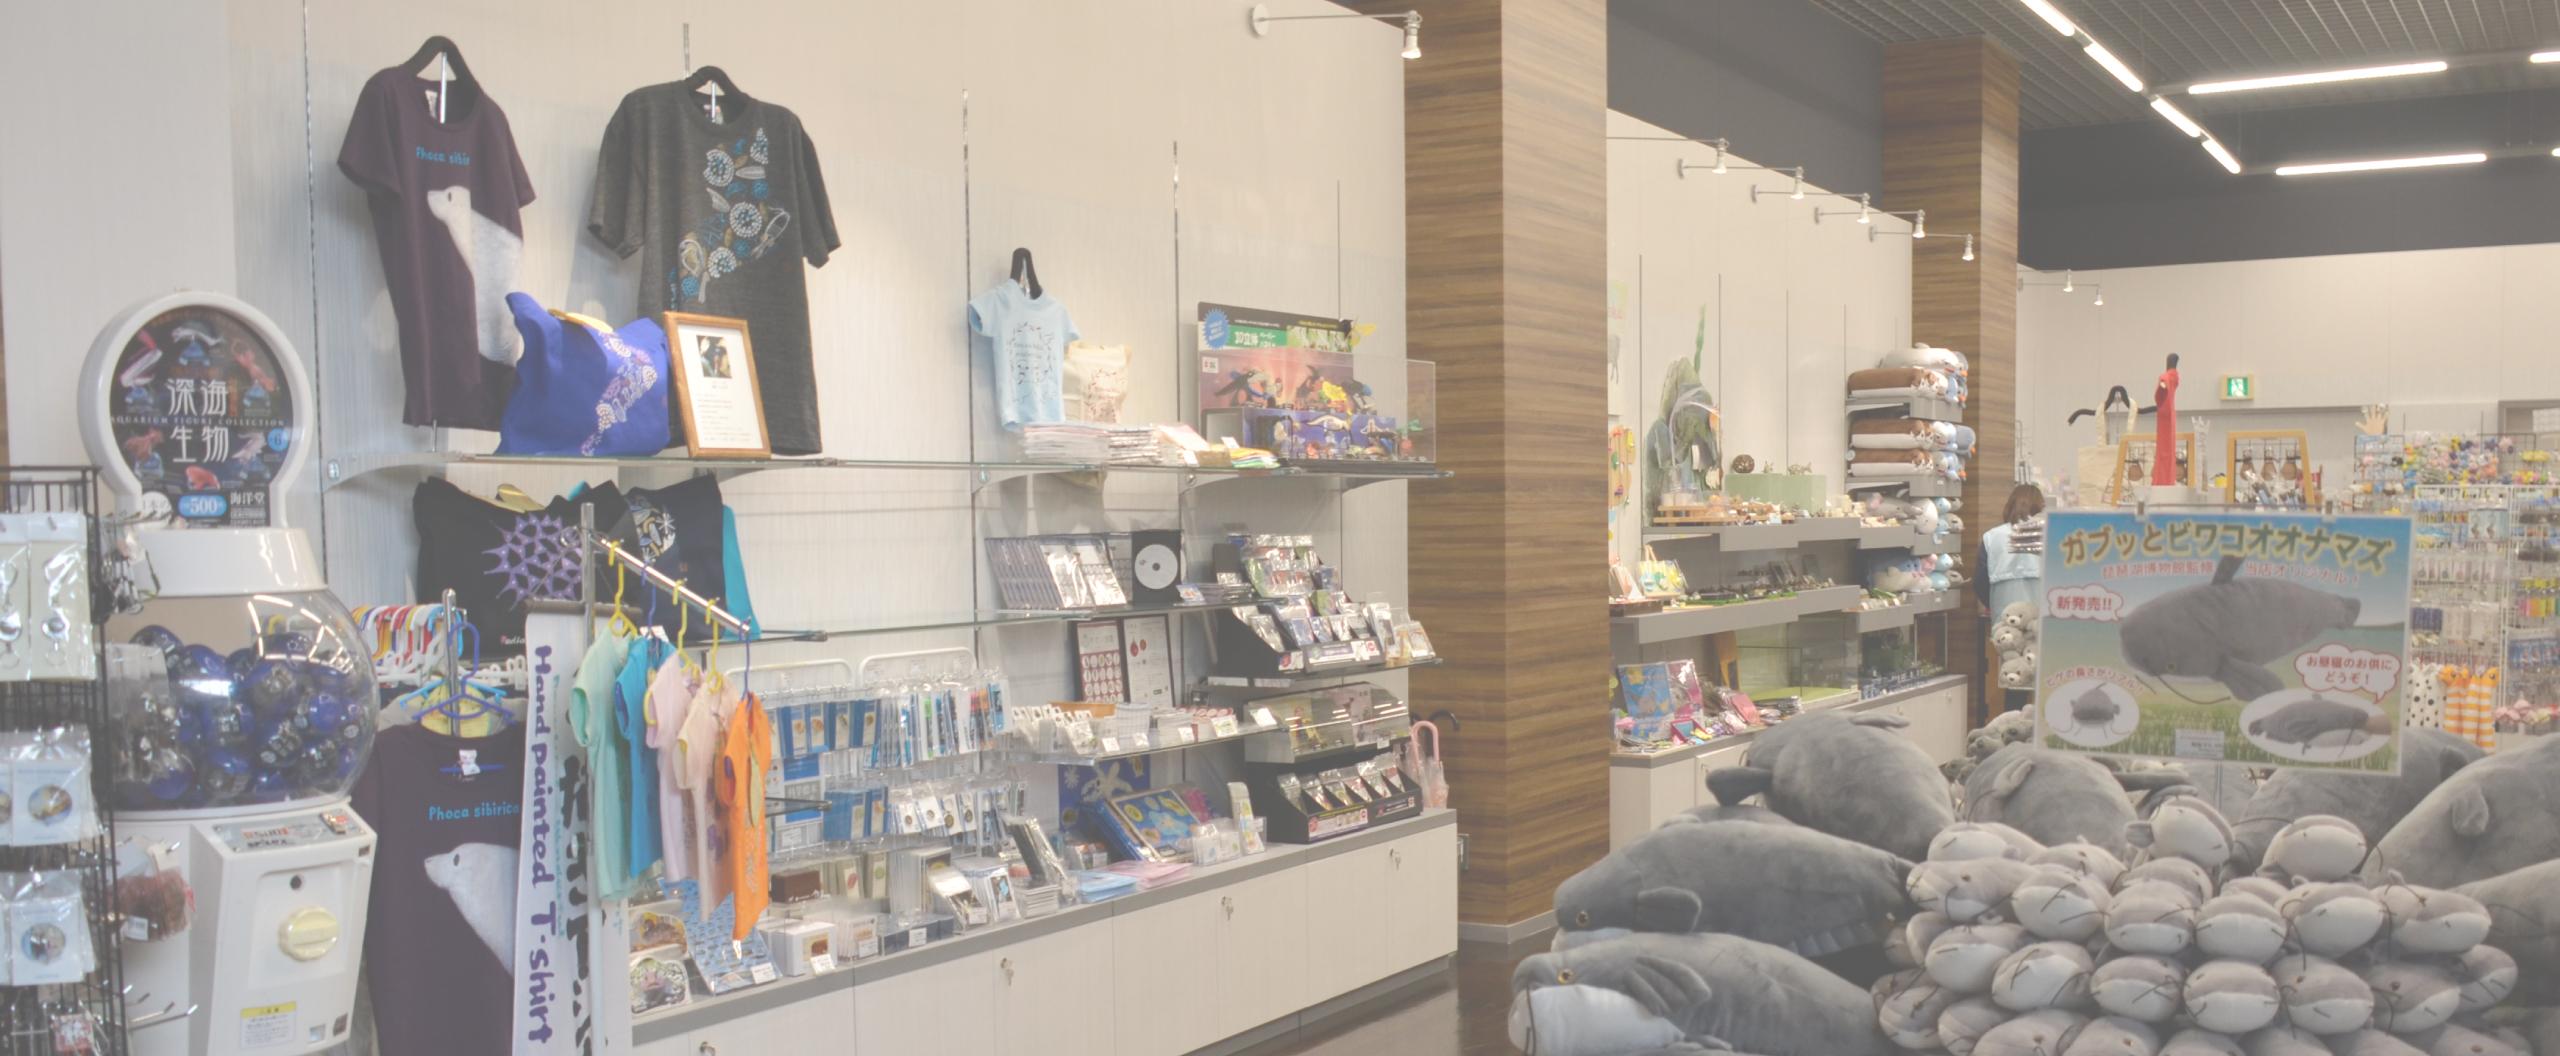 県立琵琶湖博物館内のミュージアムショップです。